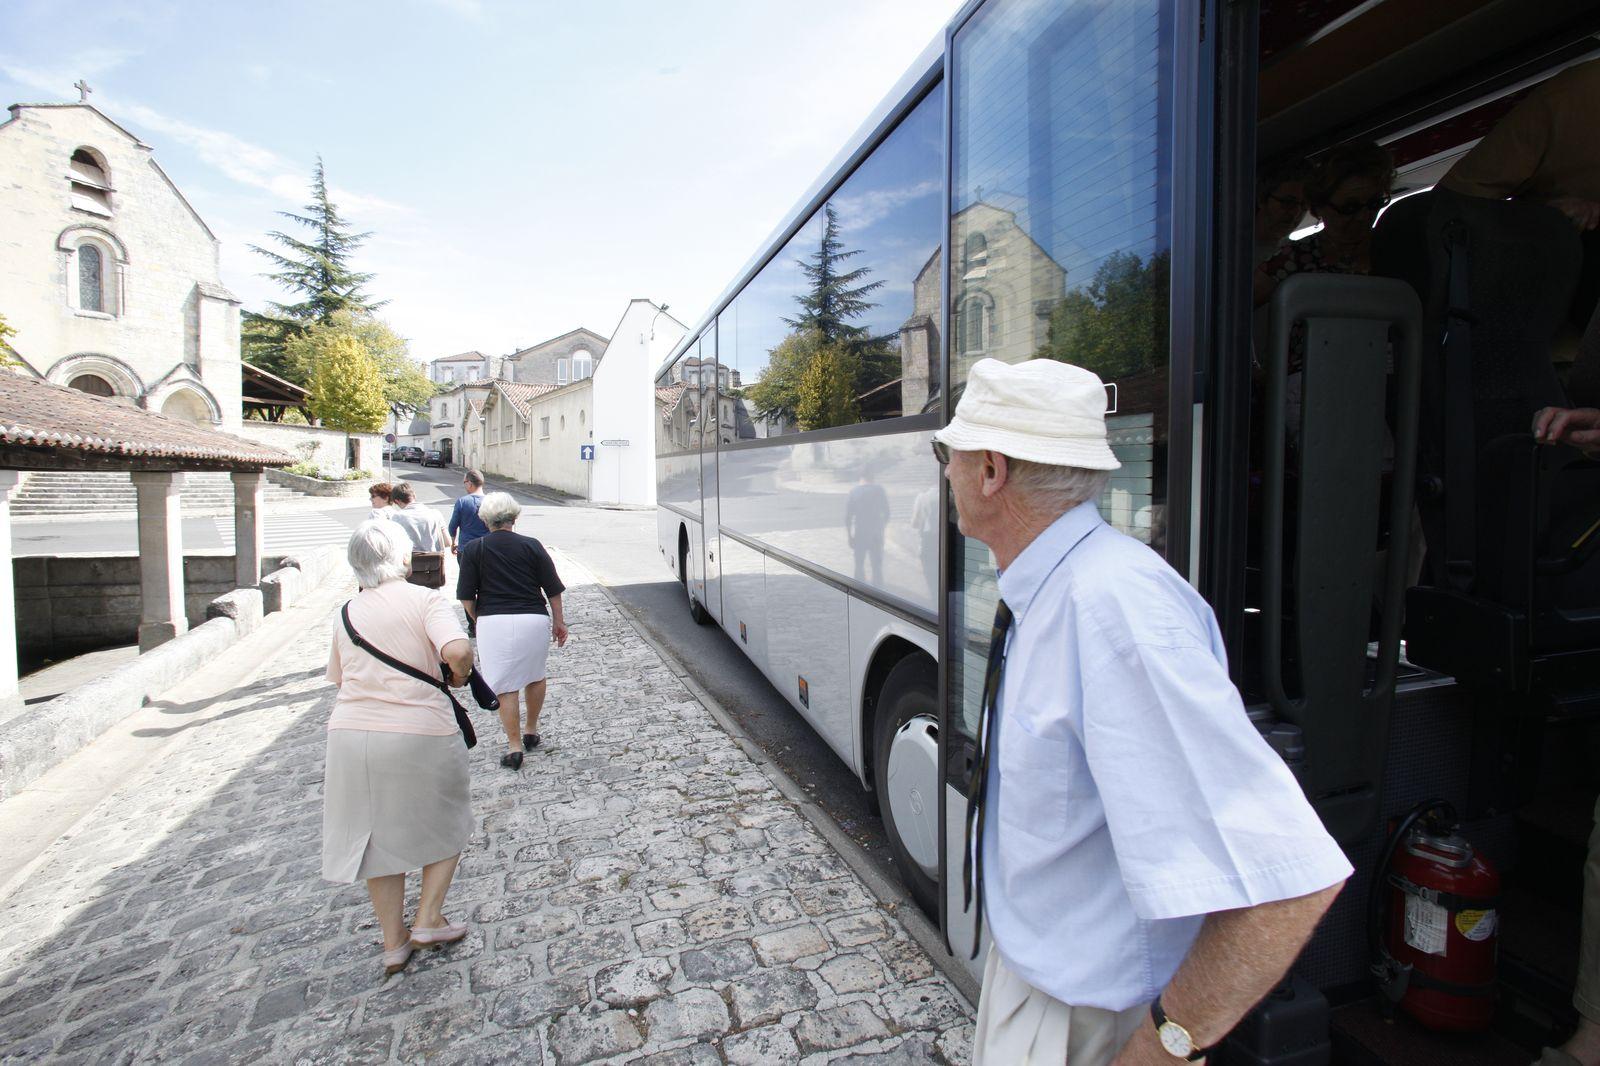 Visite guidée Patrimoine mobile, visite en bus